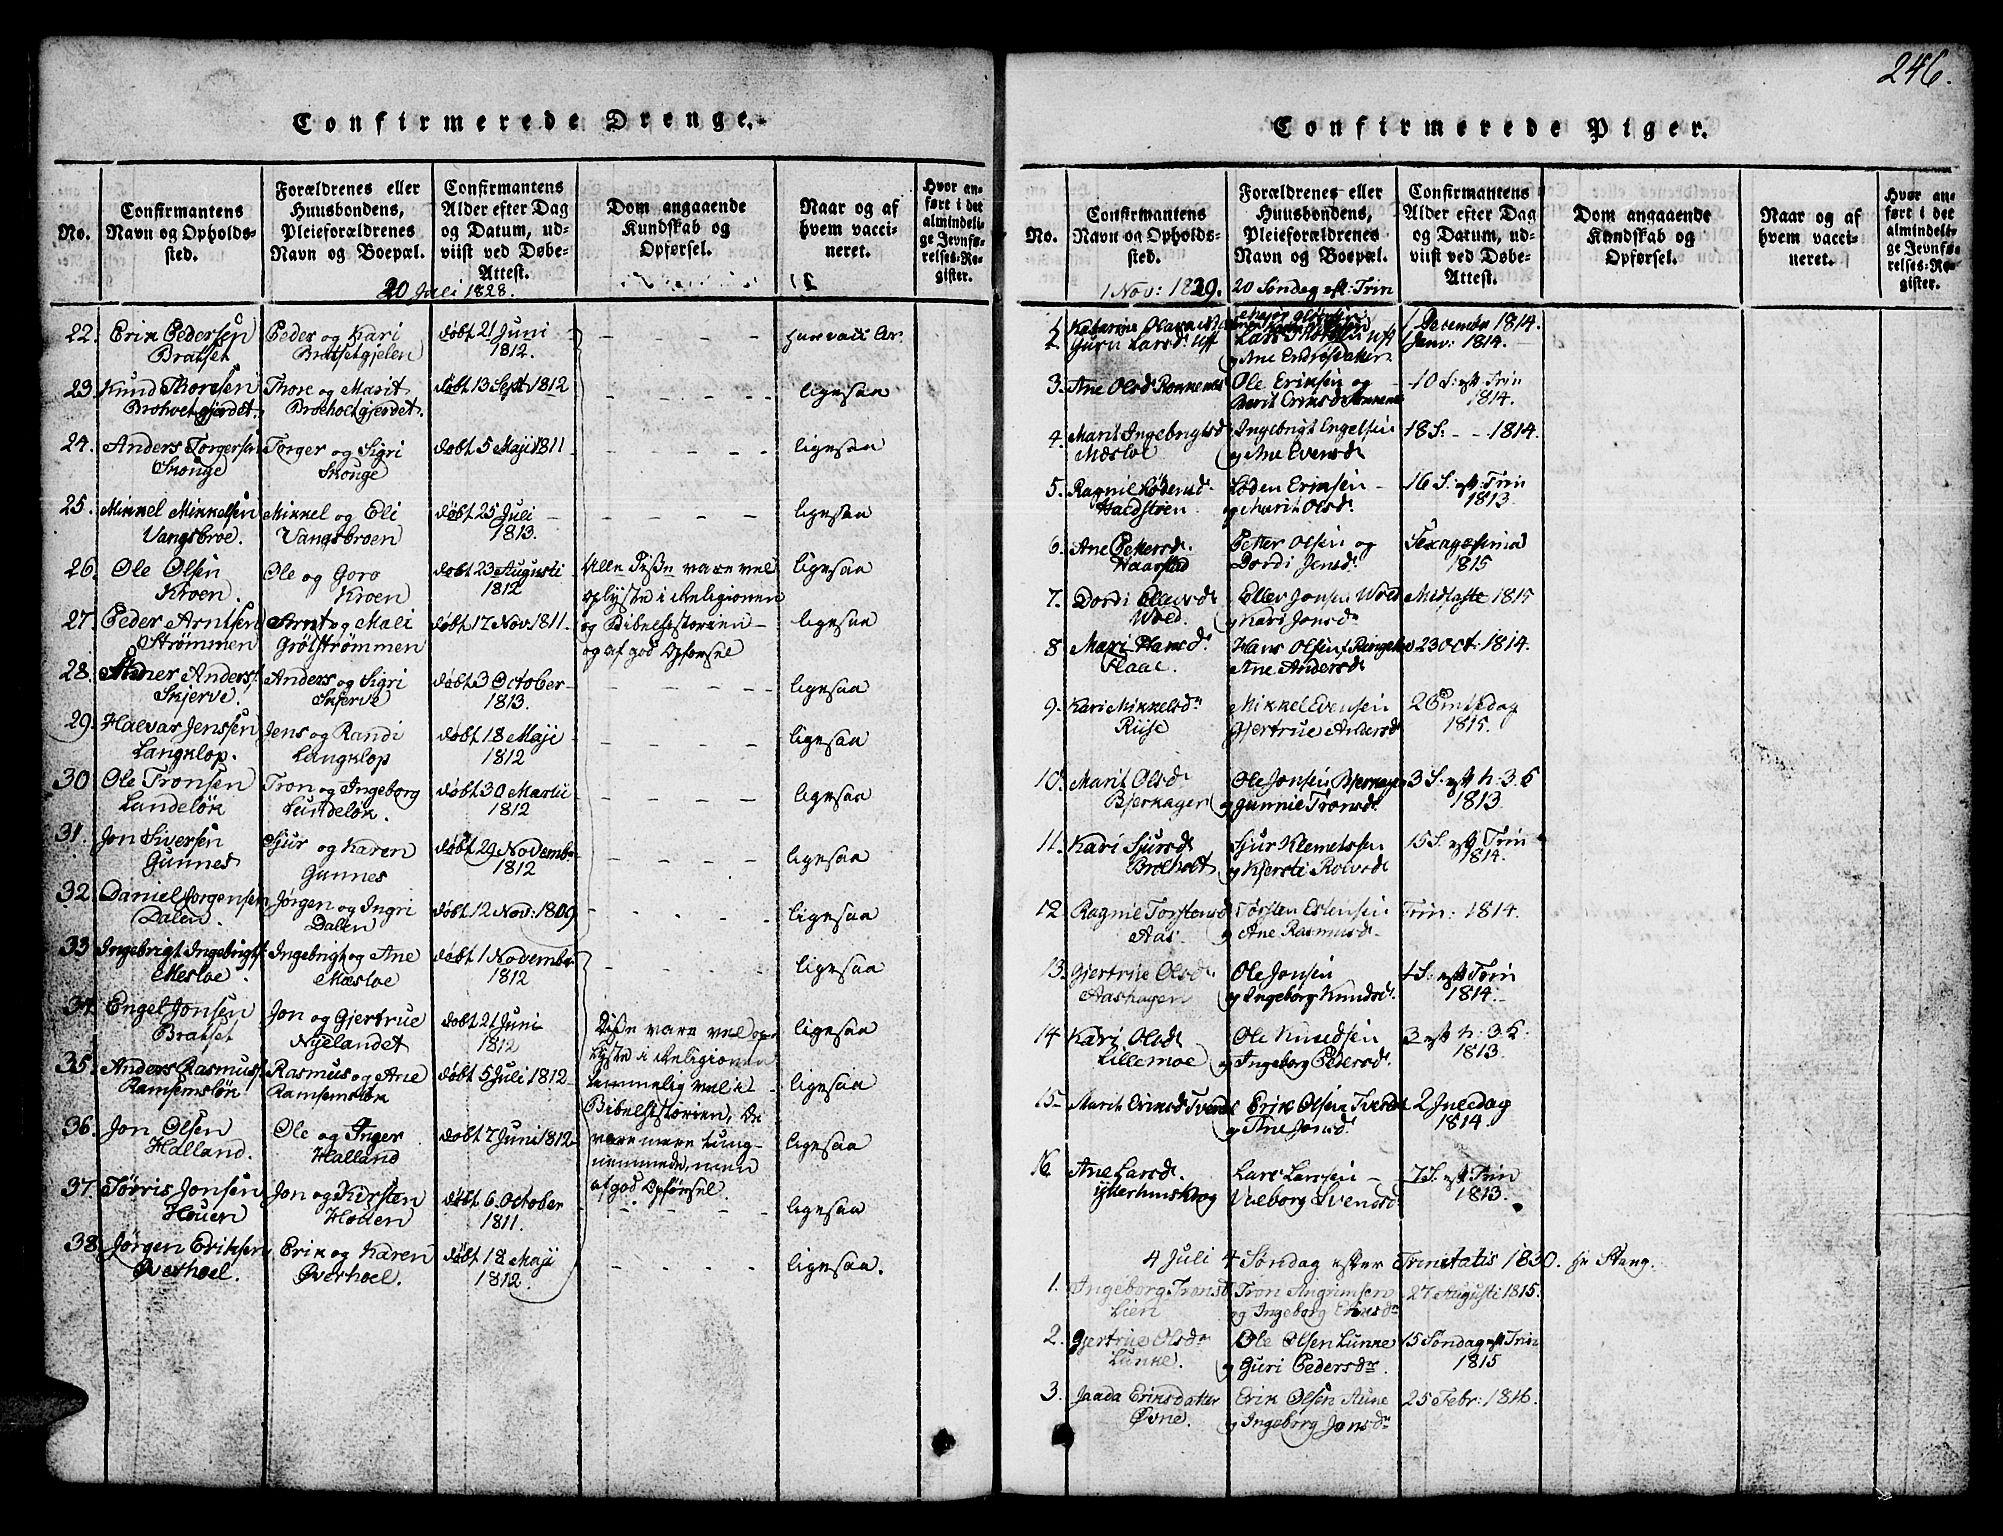 SAT, Ministerialprotokoller, klokkerbøker og fødselsregistre - Sør-Trøndelag, 674/L0874: Klokkerbok nr. 674C01, 1816-1860, s. 246